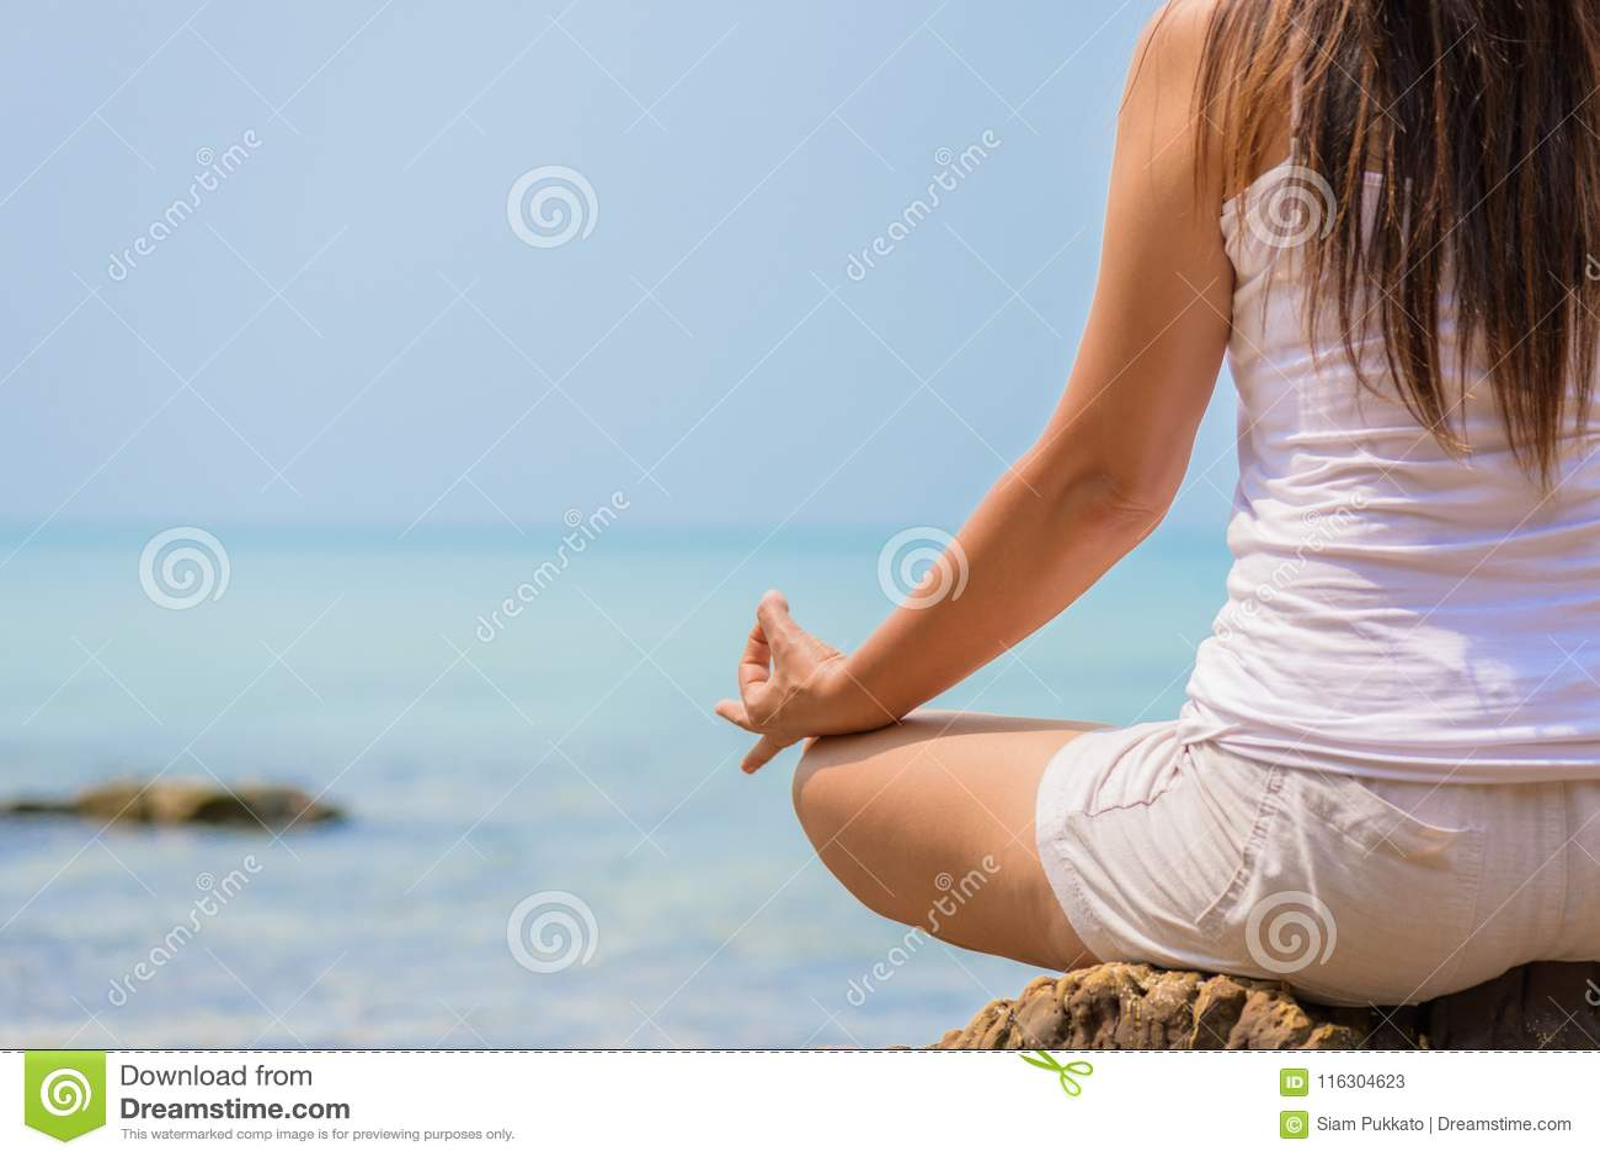 Geïsoleerd op wit De hand van de close-upvrouw het praktizeren de lotusbloem stelt op het strand